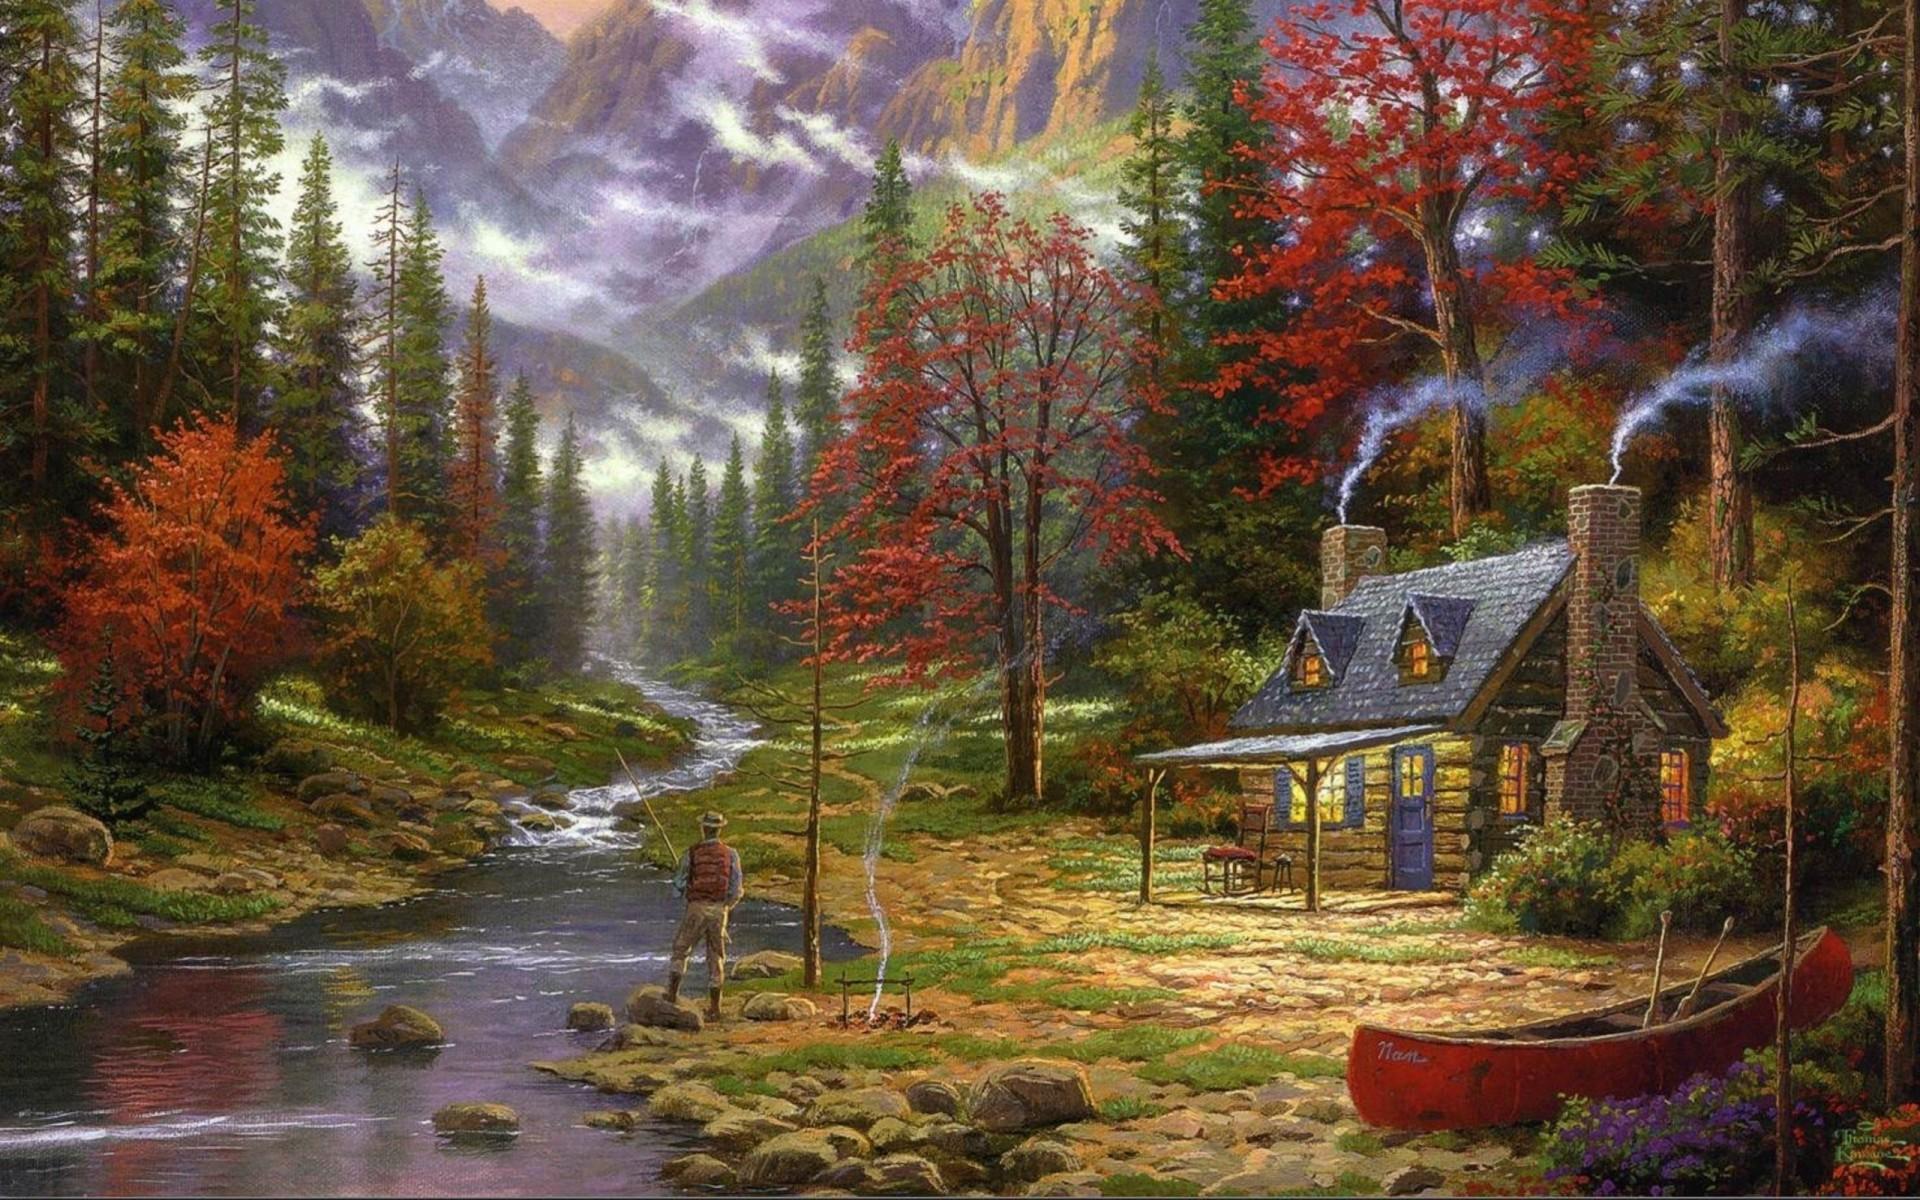 Картинки домик в лесу анимация, для пригласительной открытки